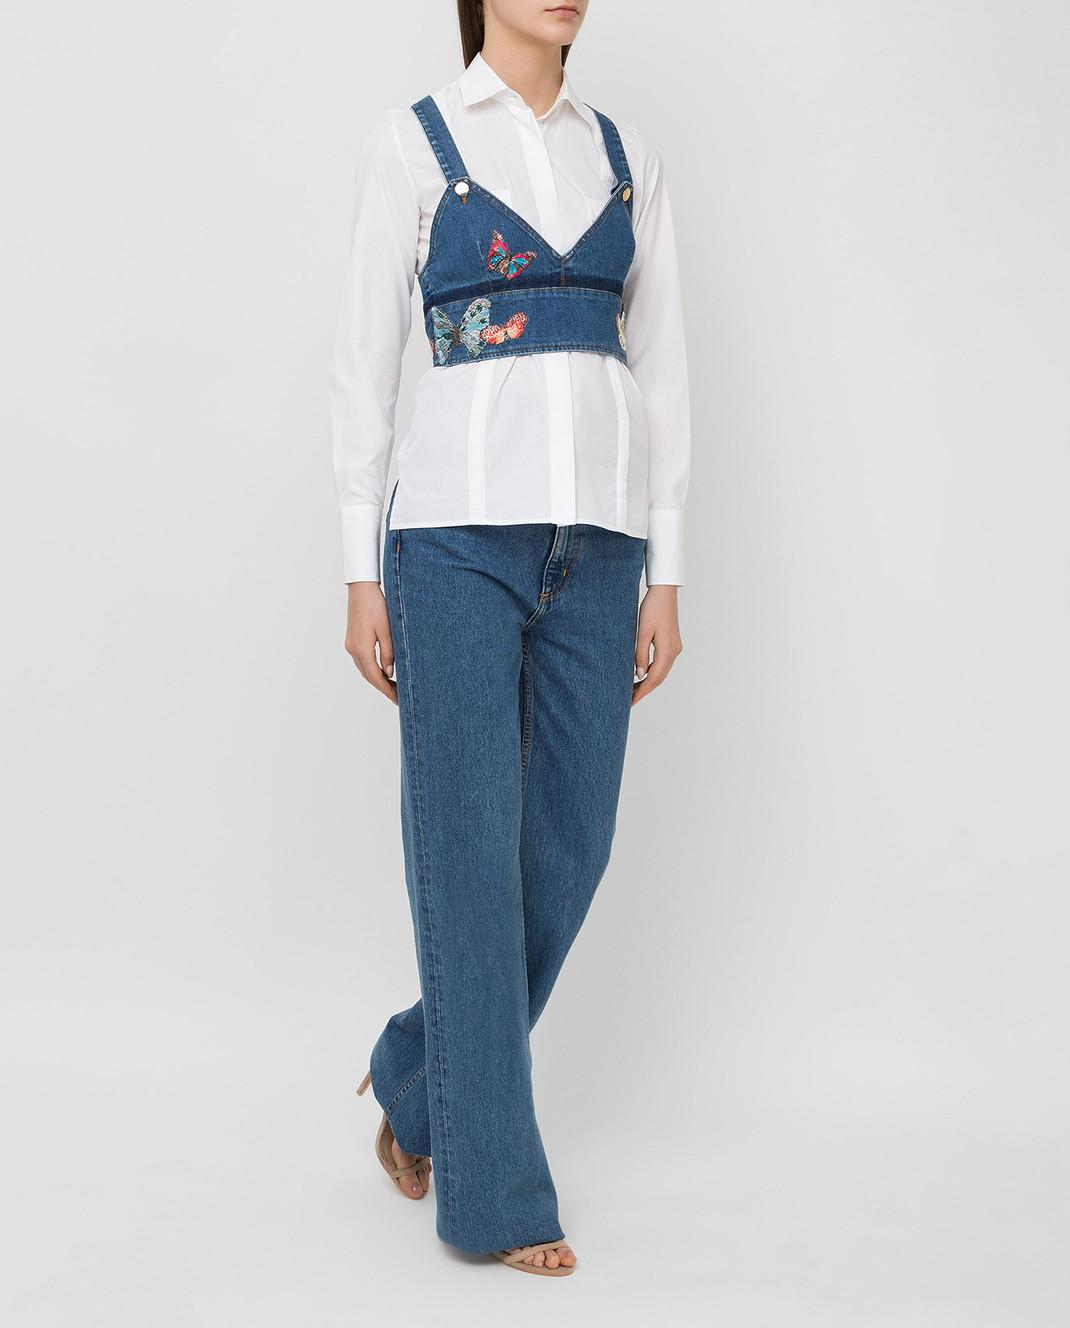 Valentino Синий джинсовый топ KB3DB00C1YF изображение 2